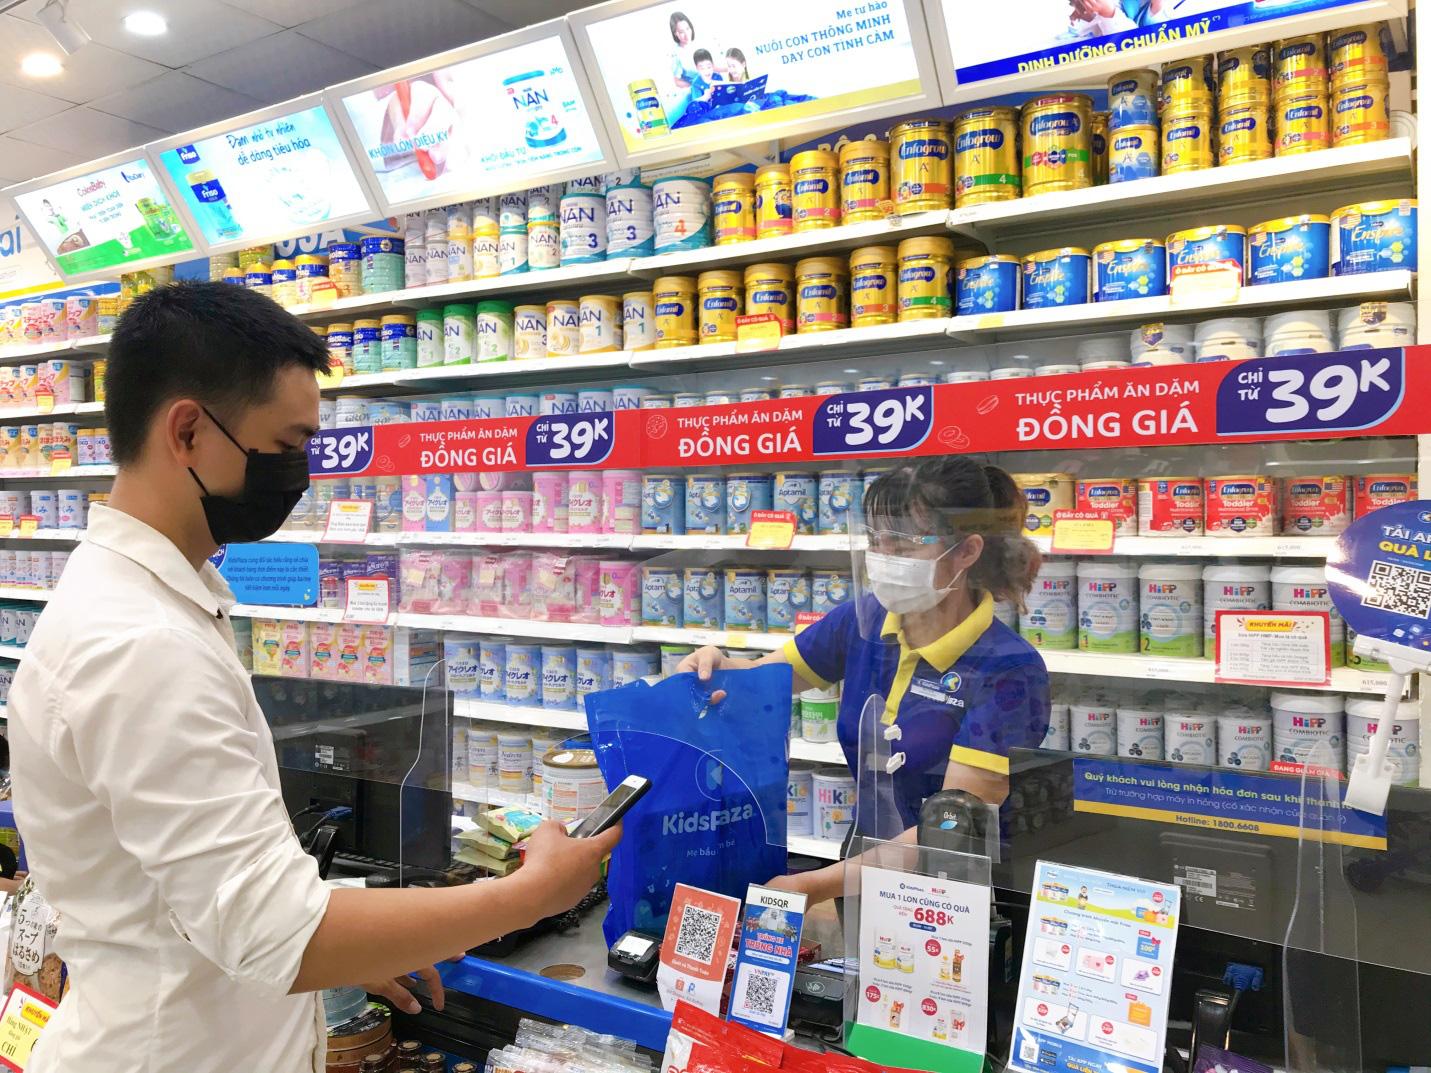 Mua bỉm sữa, gạo, thịt ngay tại chuỗi cửa hàng mẹ và bé - Ảnh 3.